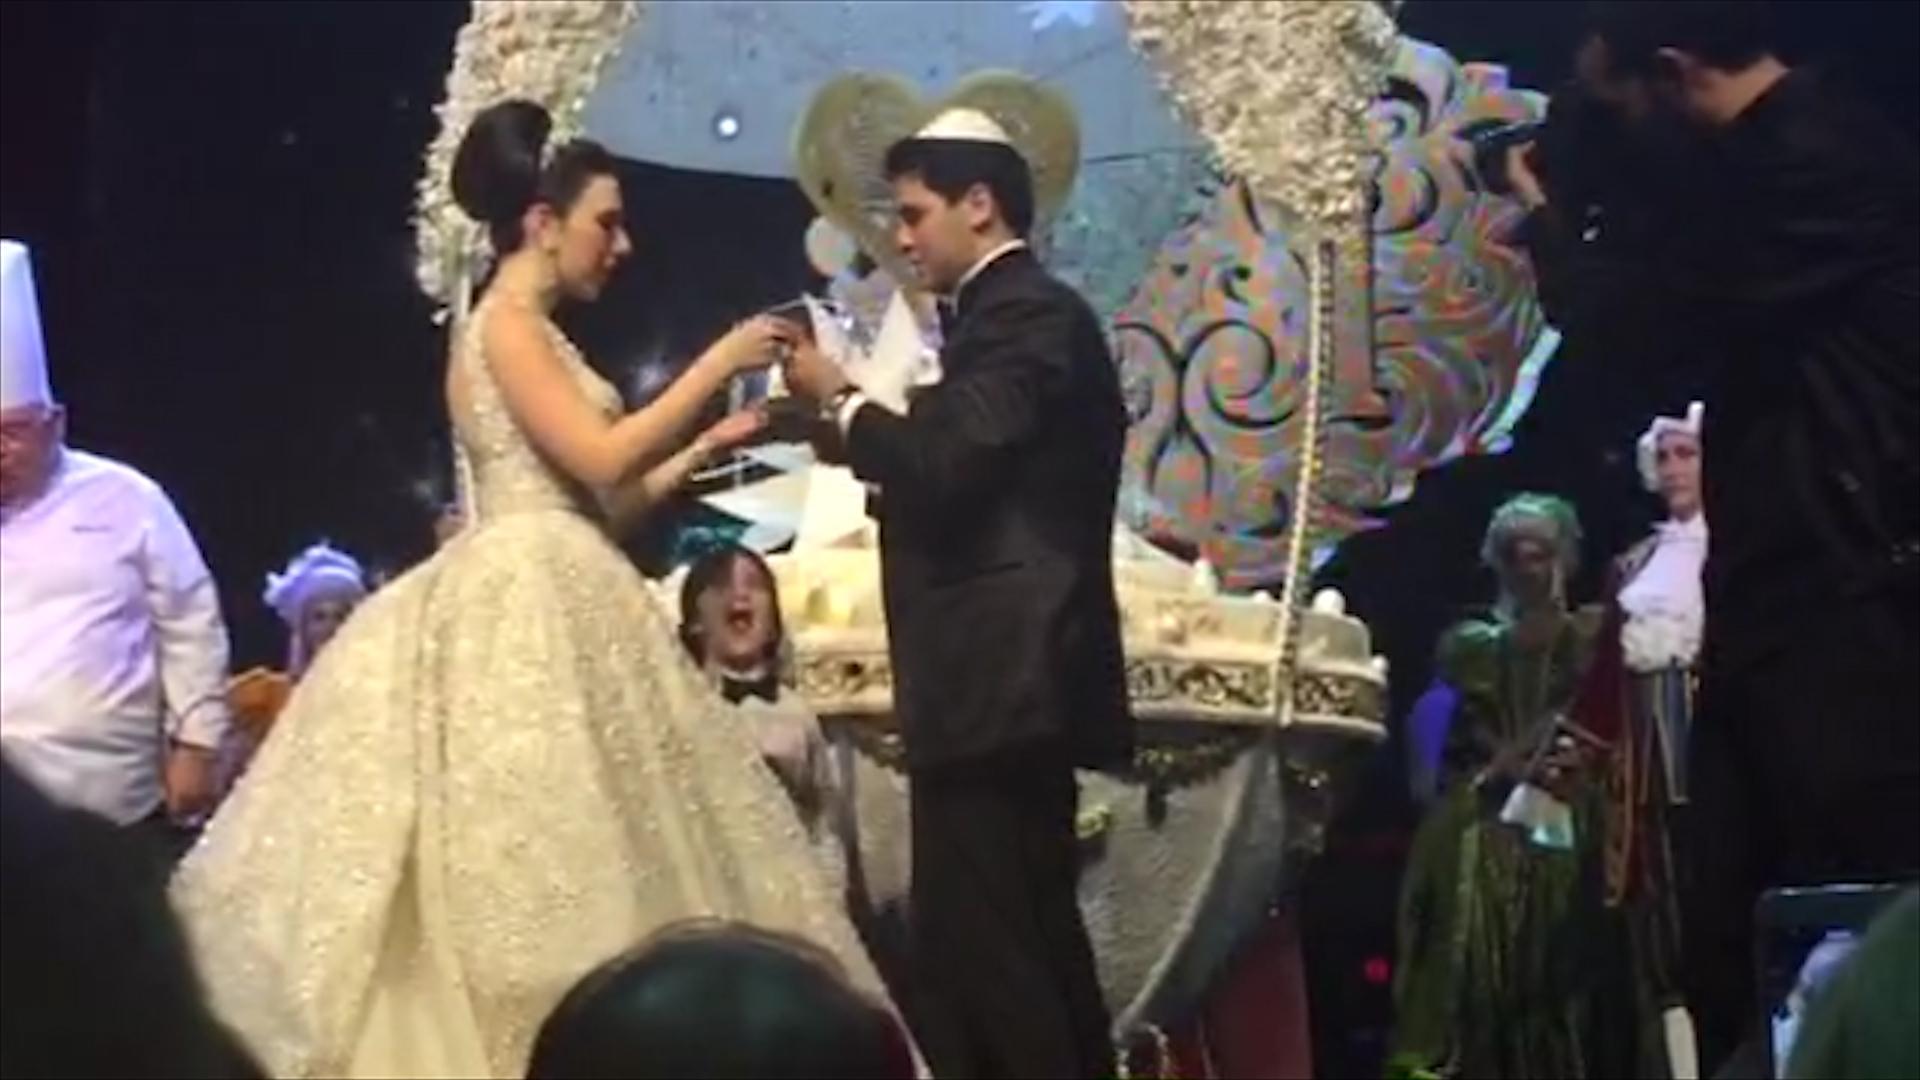 21-летний Исаак Бен-Али и его невеста — Лимор Хихинашвили